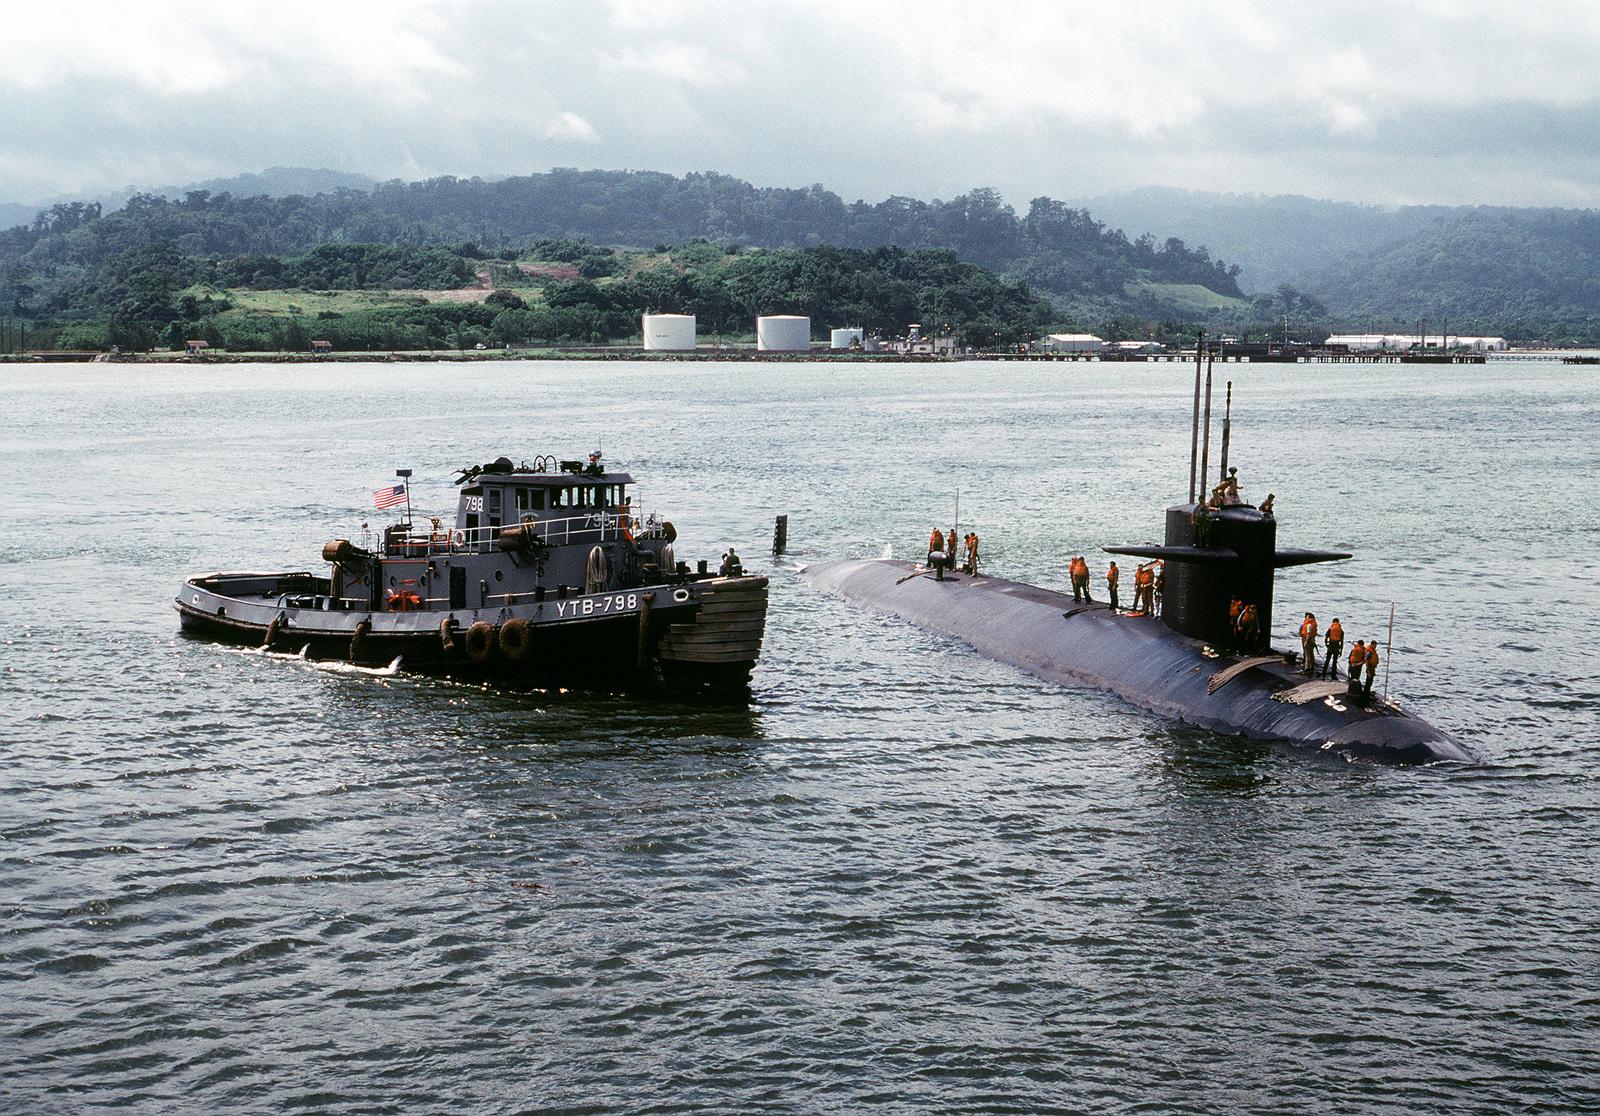 The large harbor tug USS OPELIKA (YTB-798) pulls up along